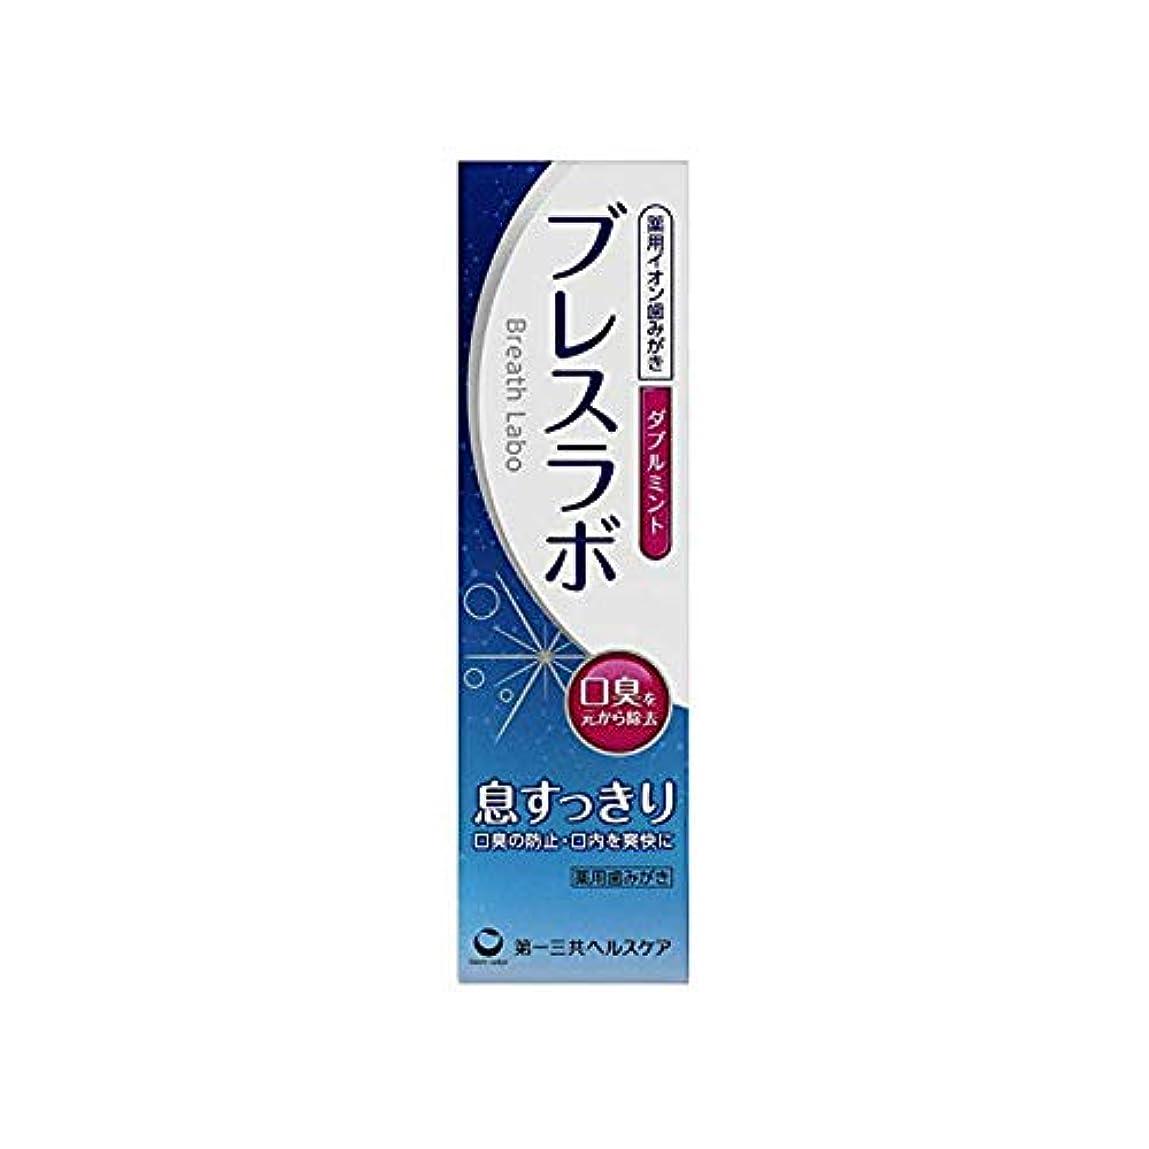 膿瘍混合マニフェスト【6個セット】ブレスラボ ダブルミント 90g